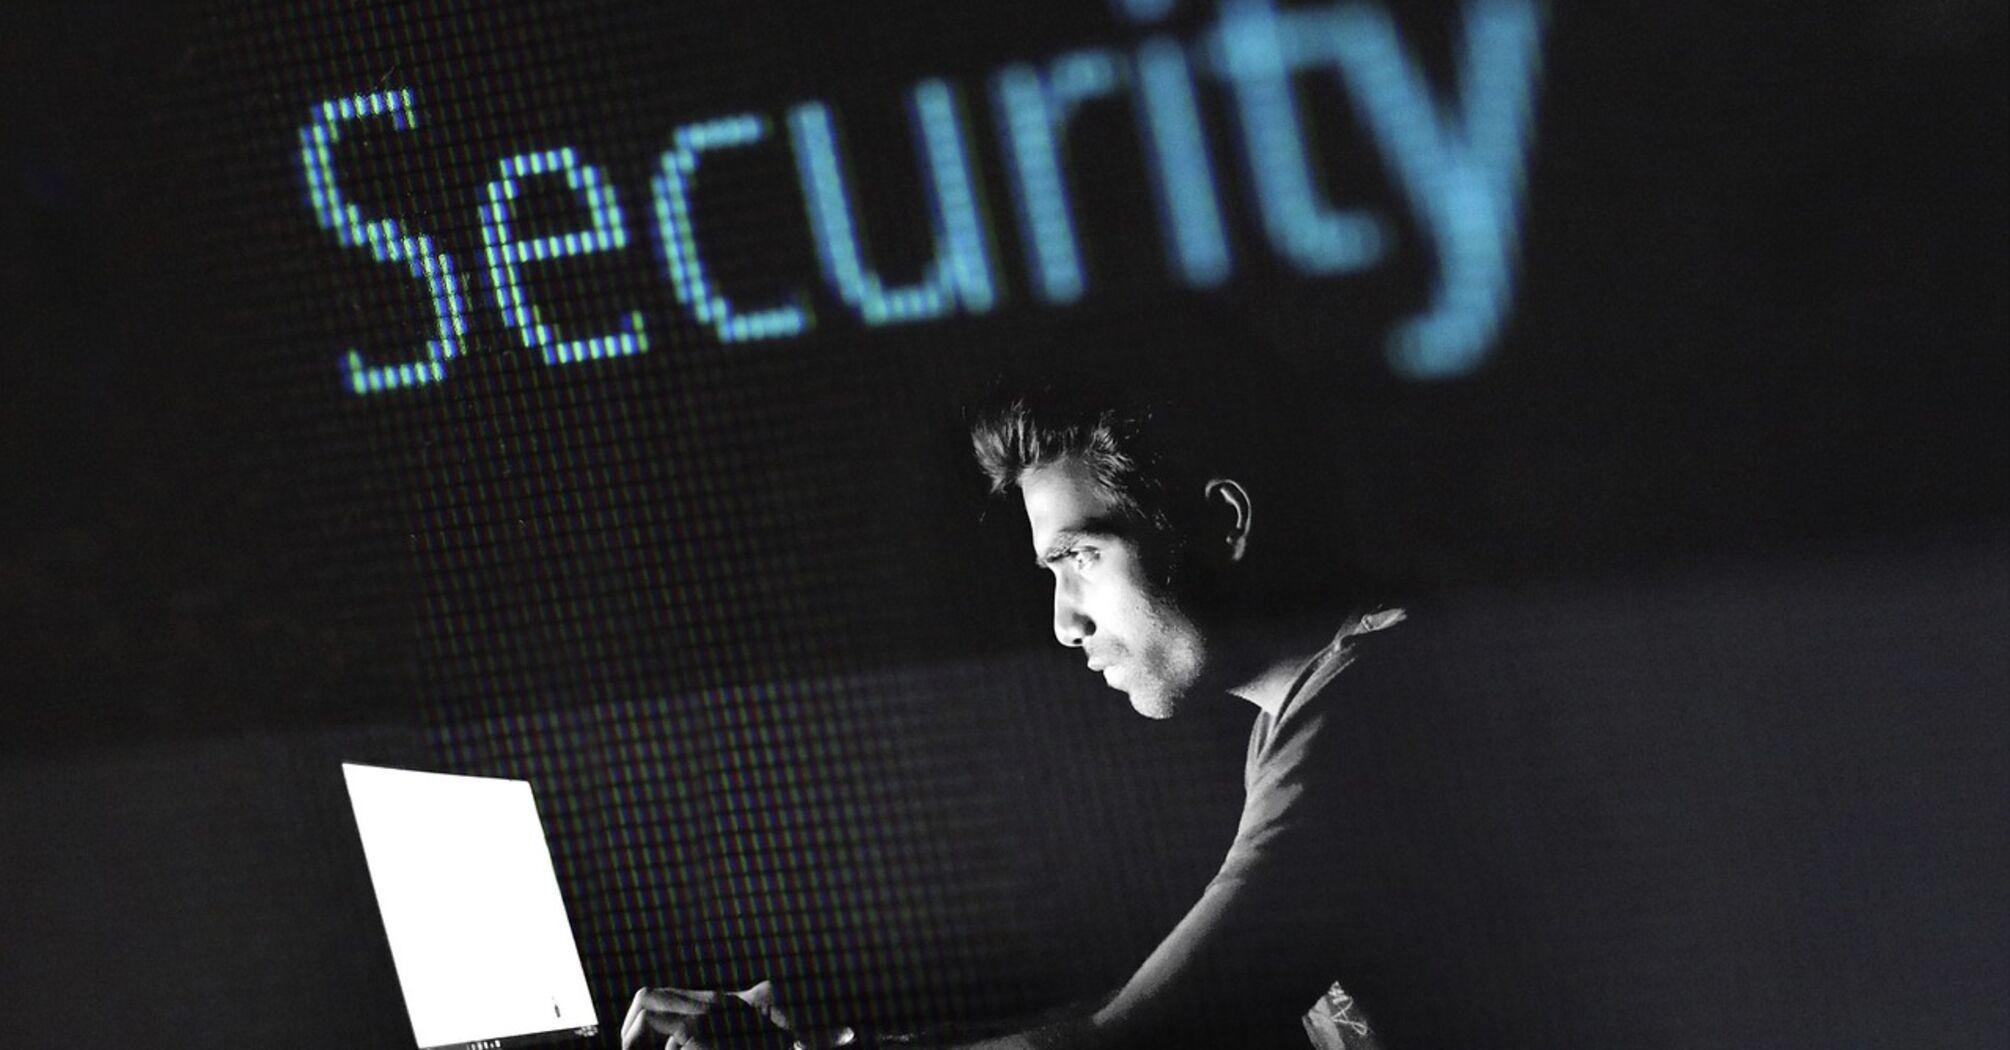 Киберполиция разоблачила банду хакеров, похитившую у бизнесменов миллионы